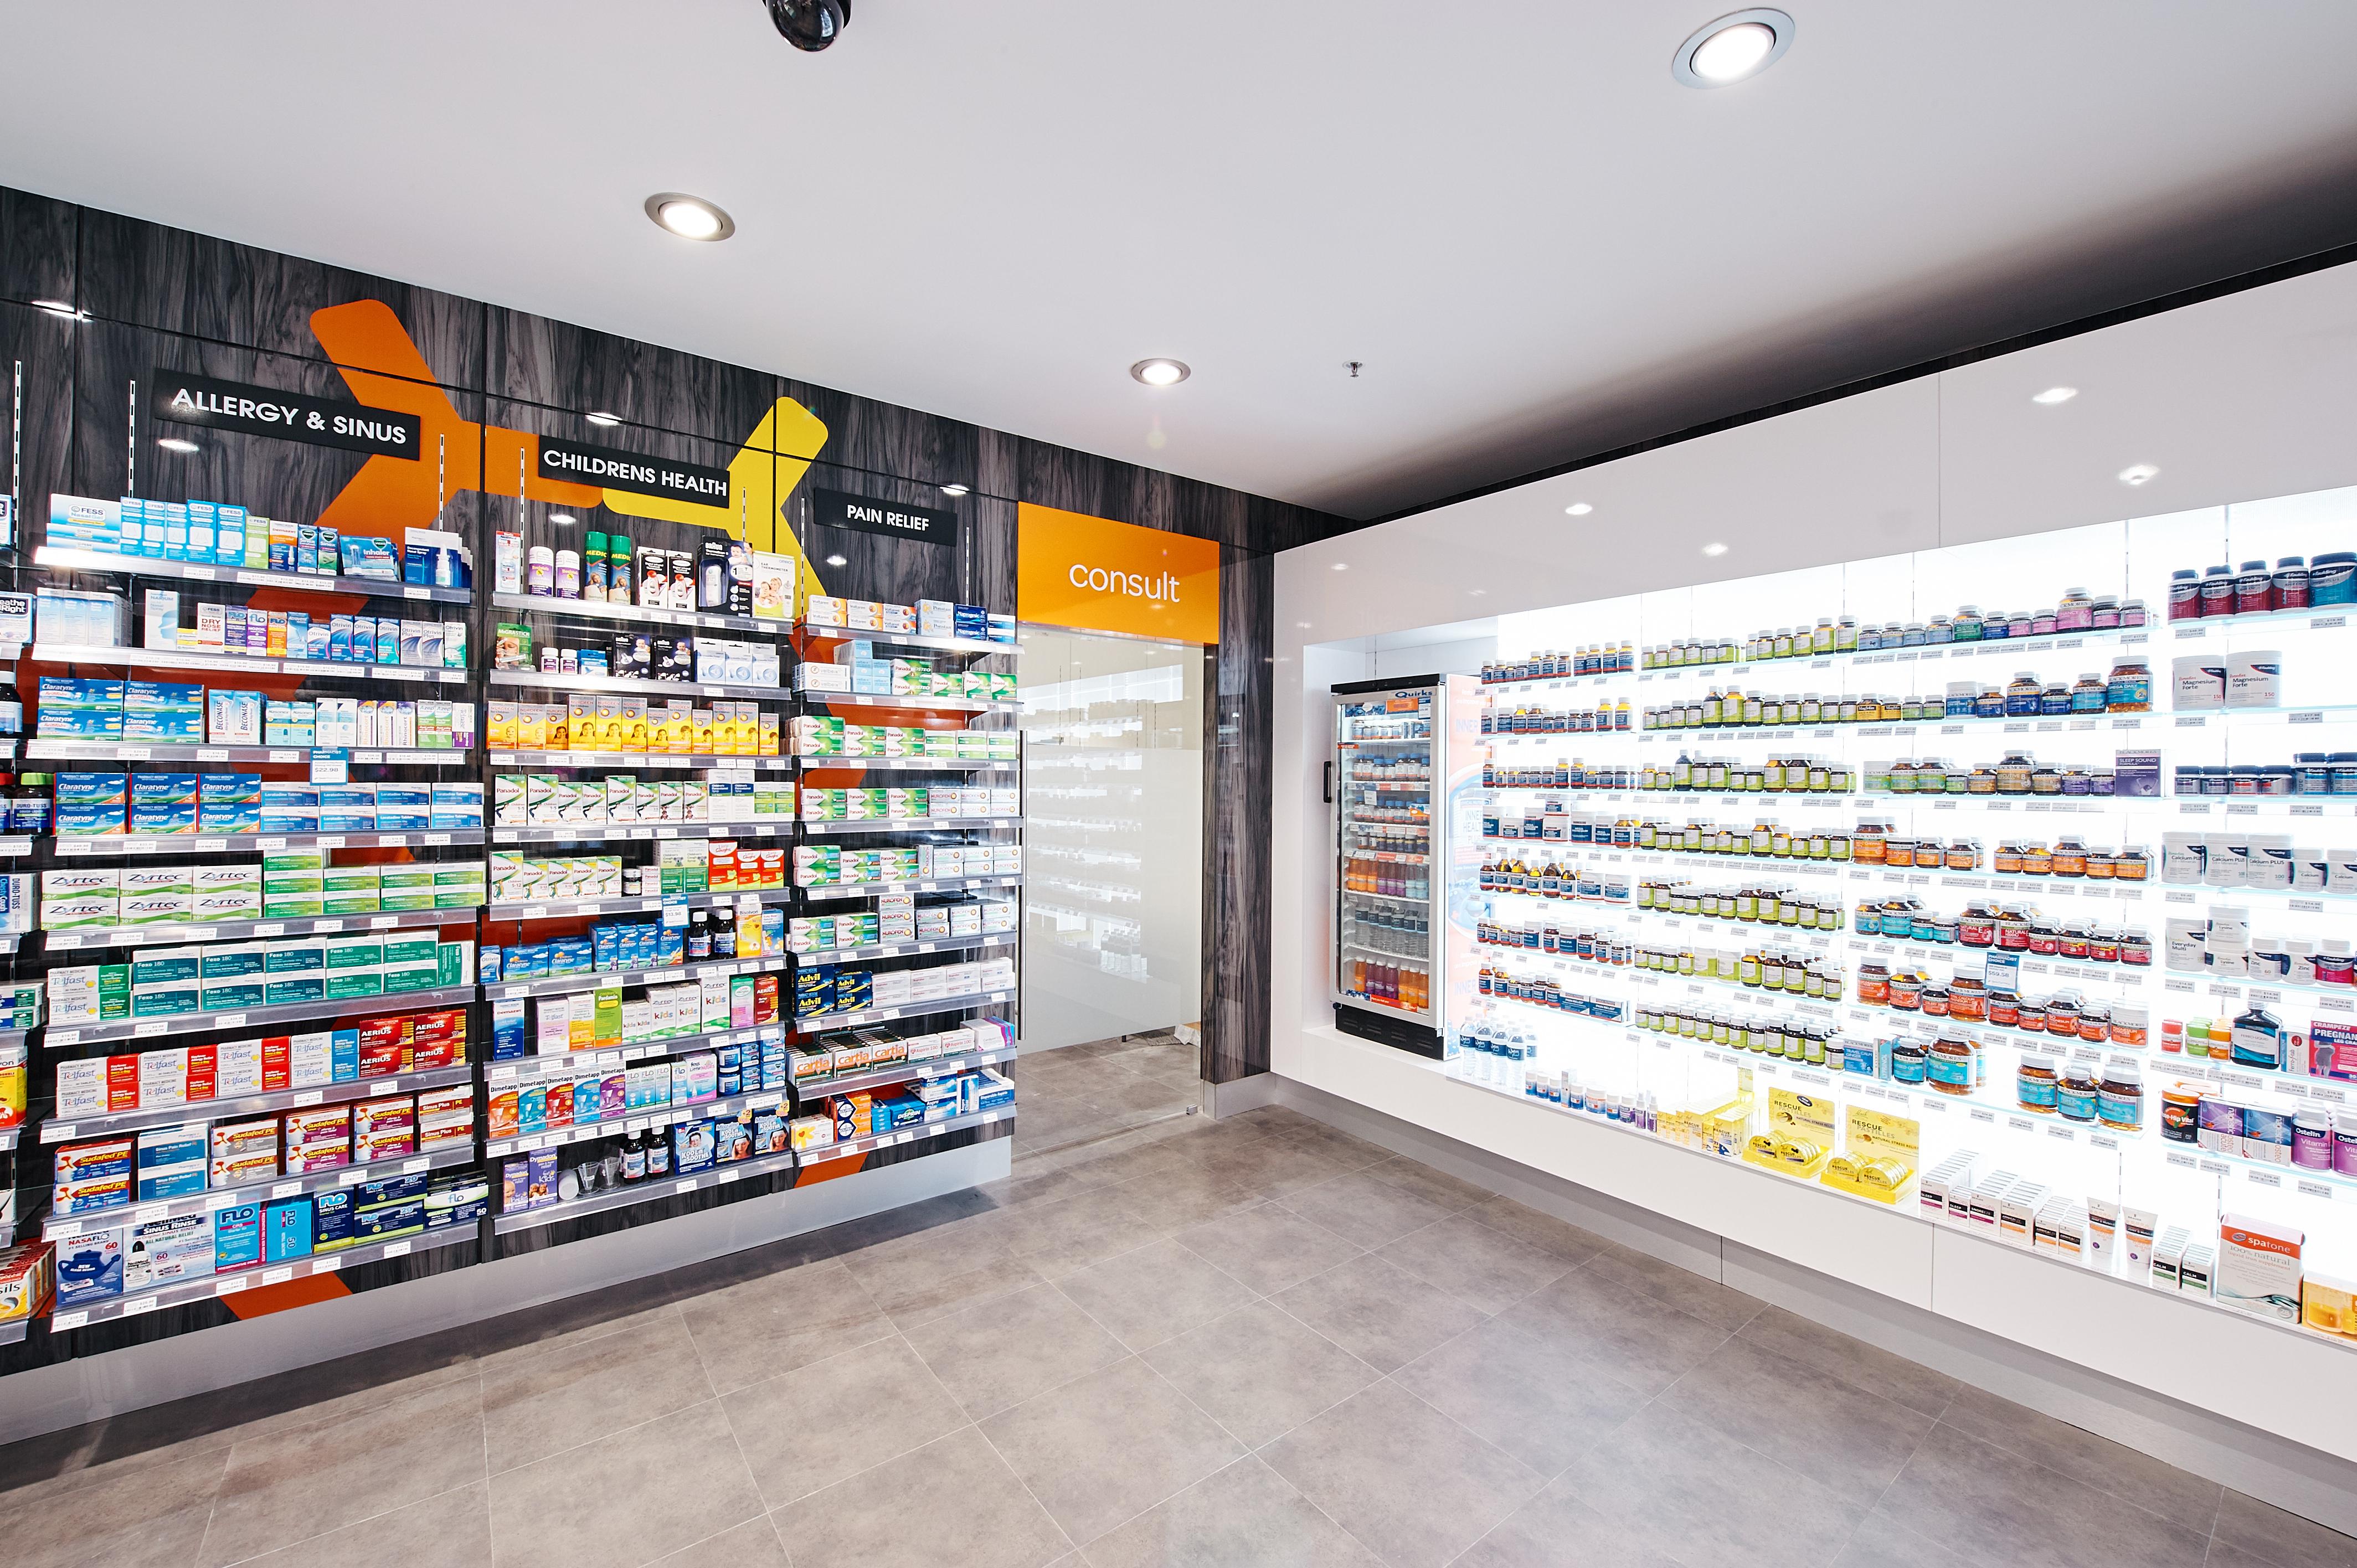 drugstore australia